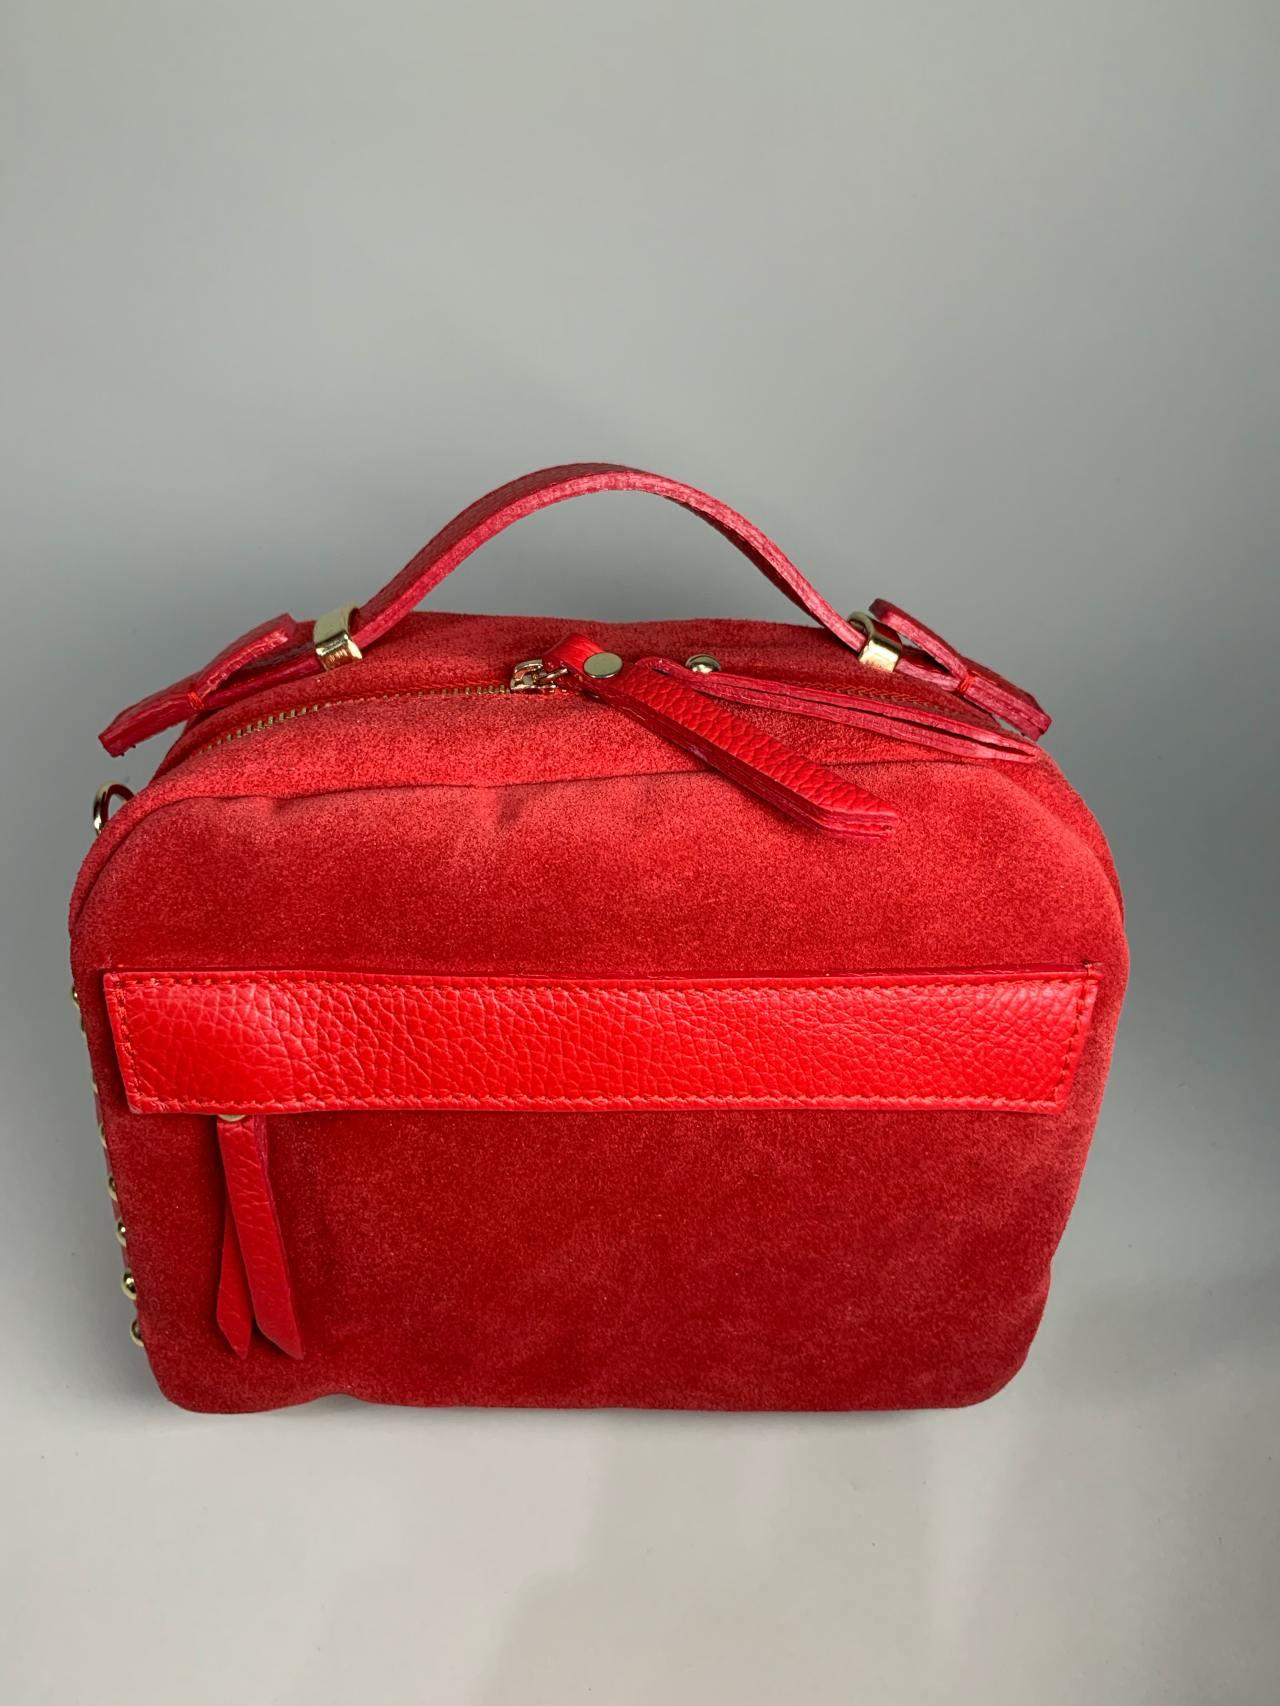 Kožená kabelka Saly červená -02